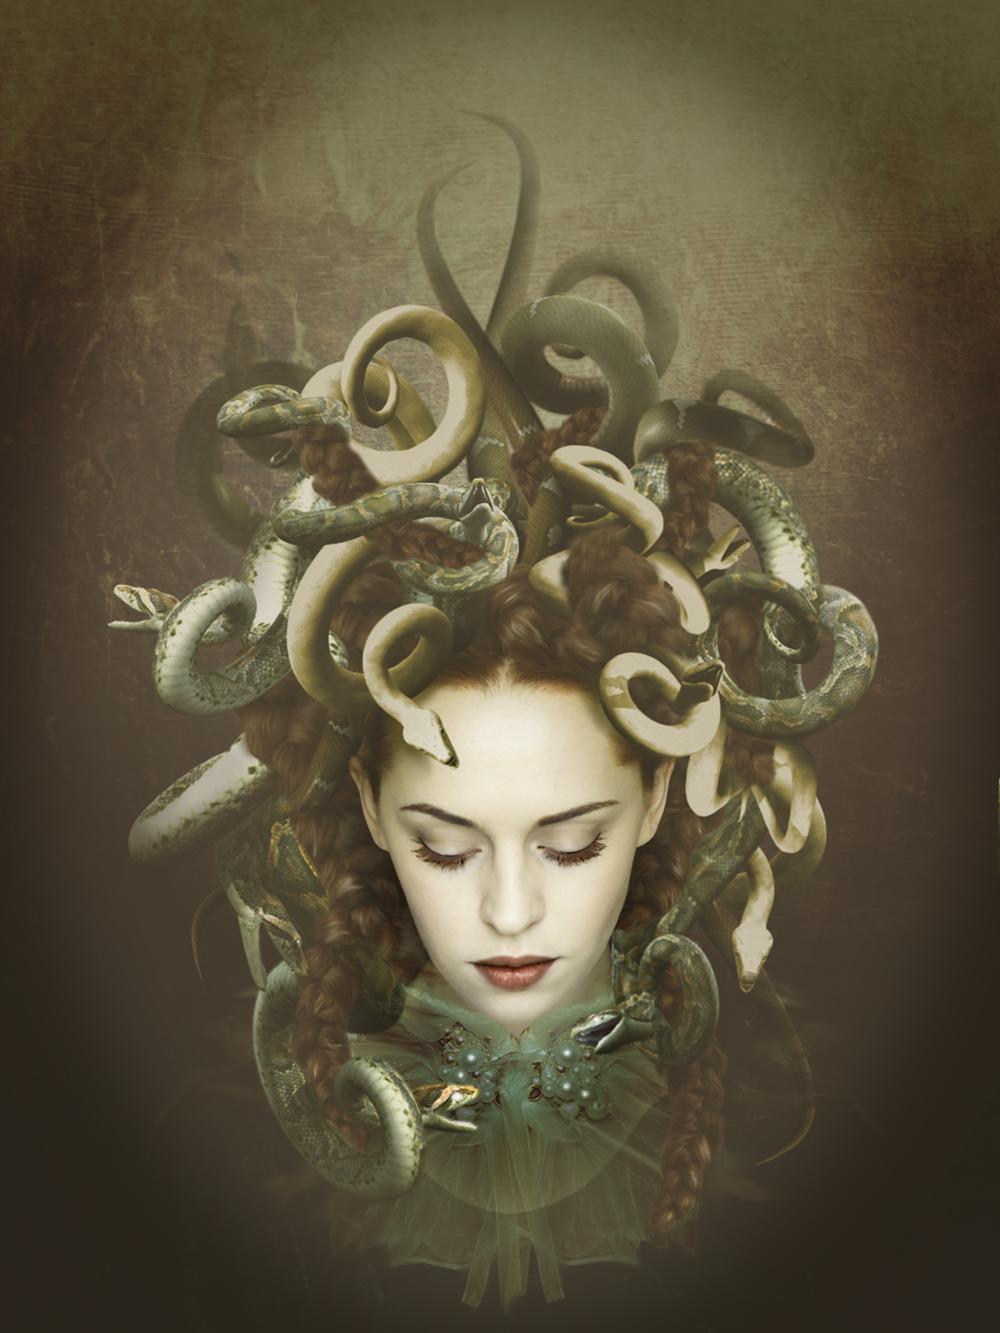 Image: Medusa ©2014-2019 imagase. Source: DeviantArt